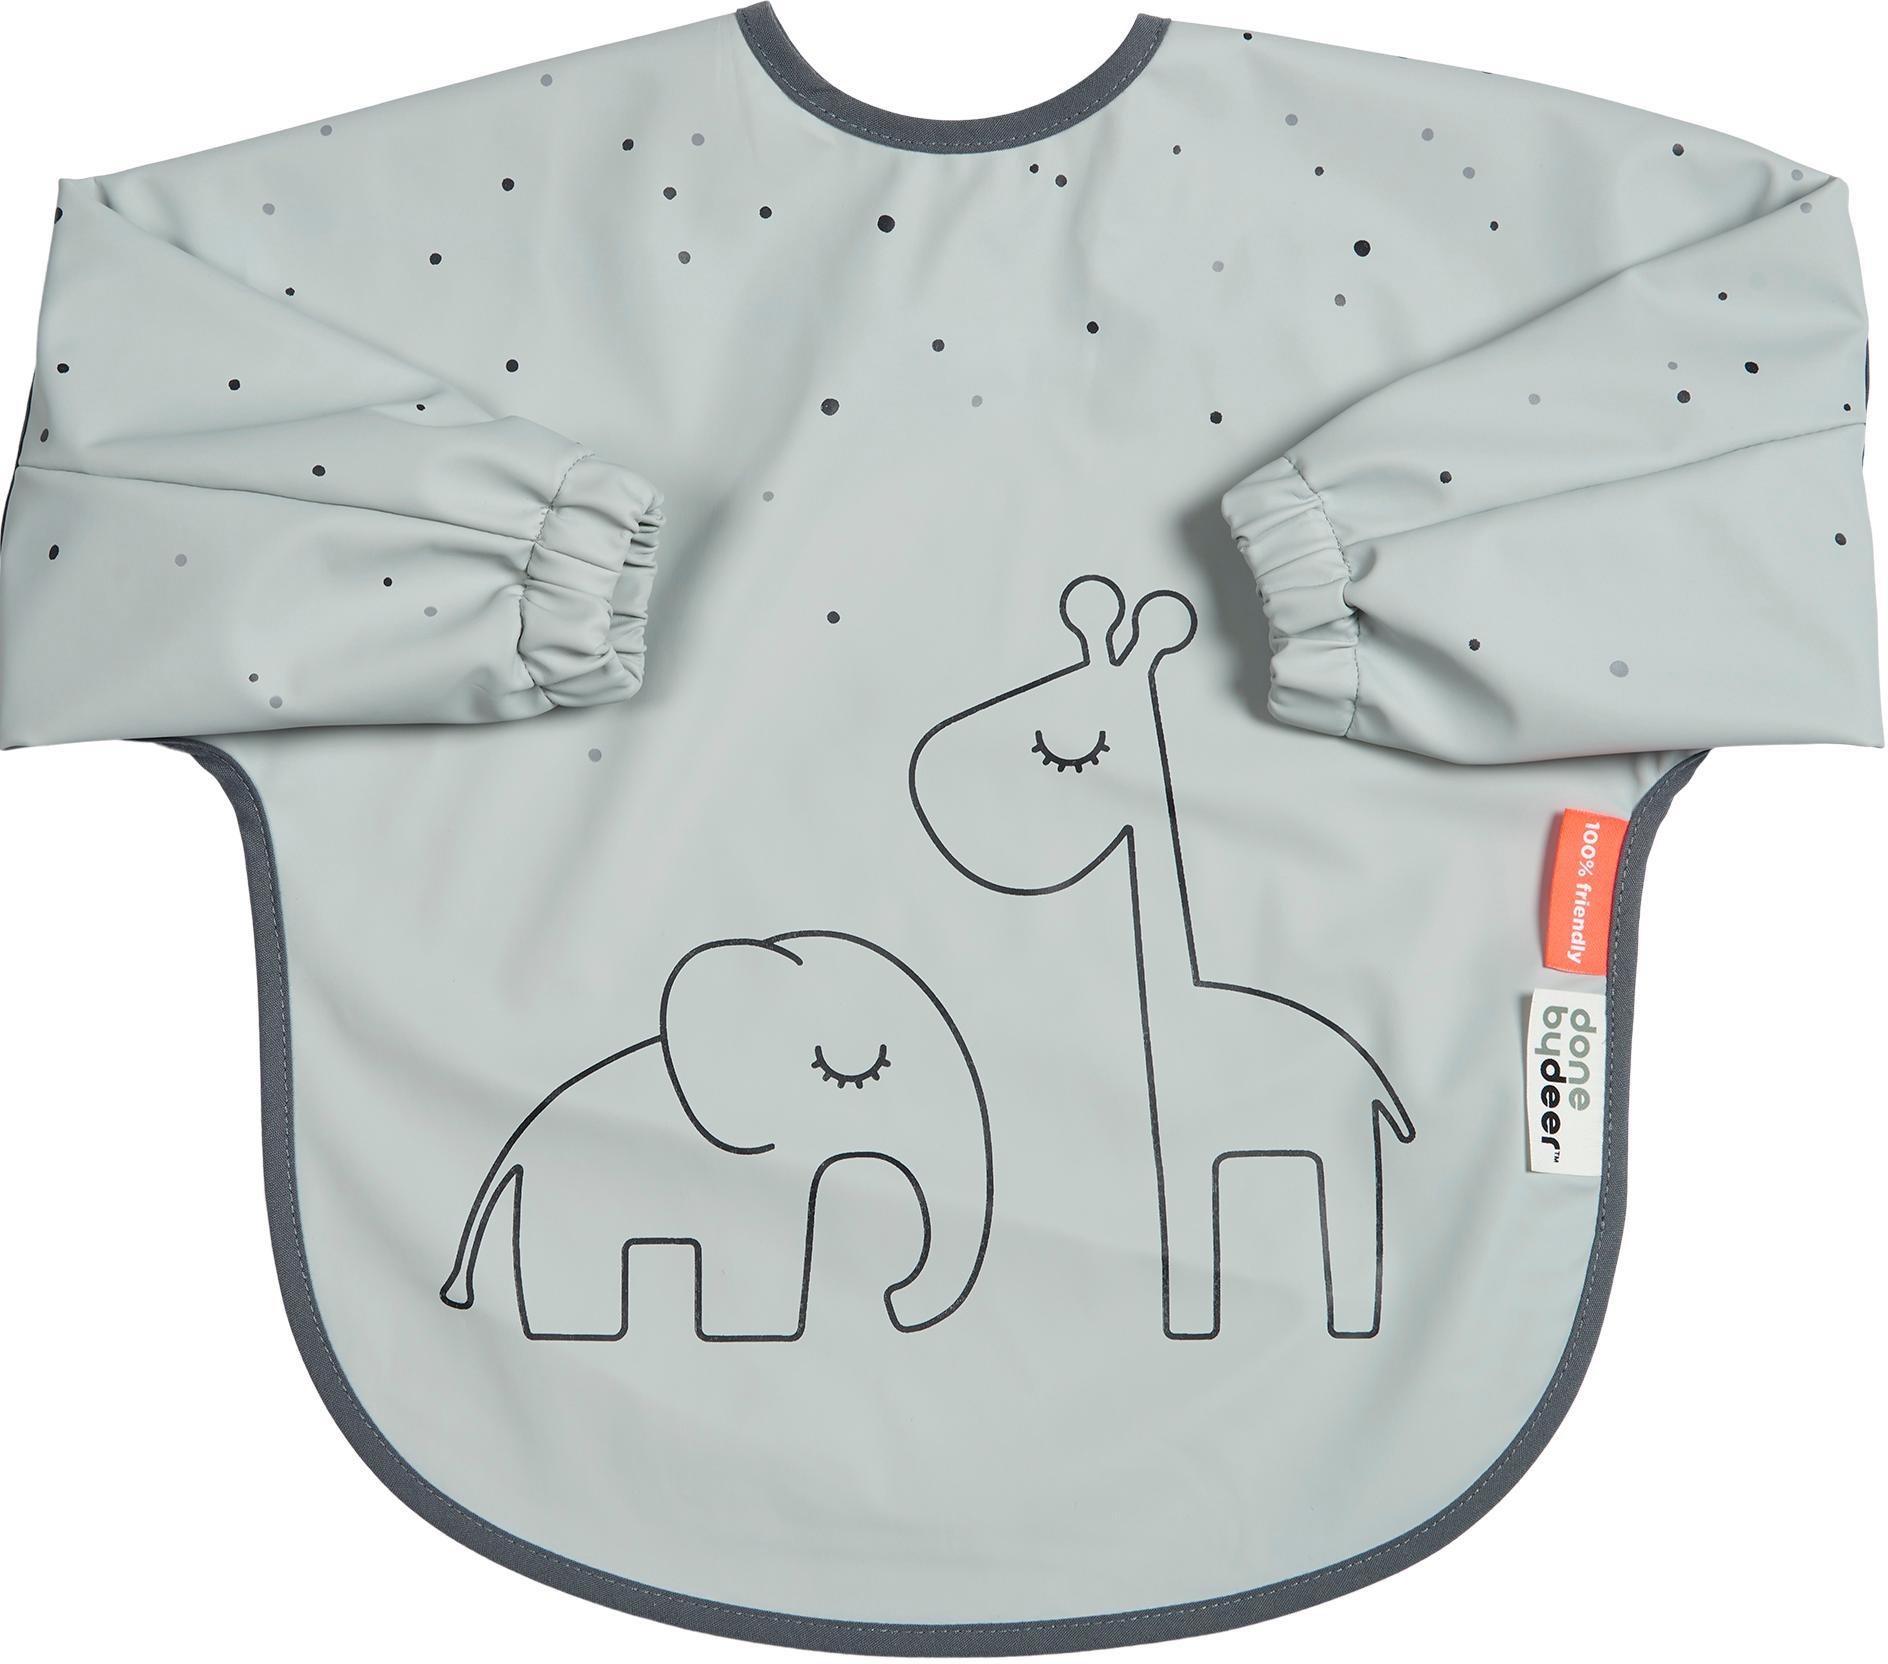 Ärmellätzchen Dreamy Dots, 100% Polyester, PU-beschichtet Öko-Tex zertifiziert, Grau, 35 x 72 cm